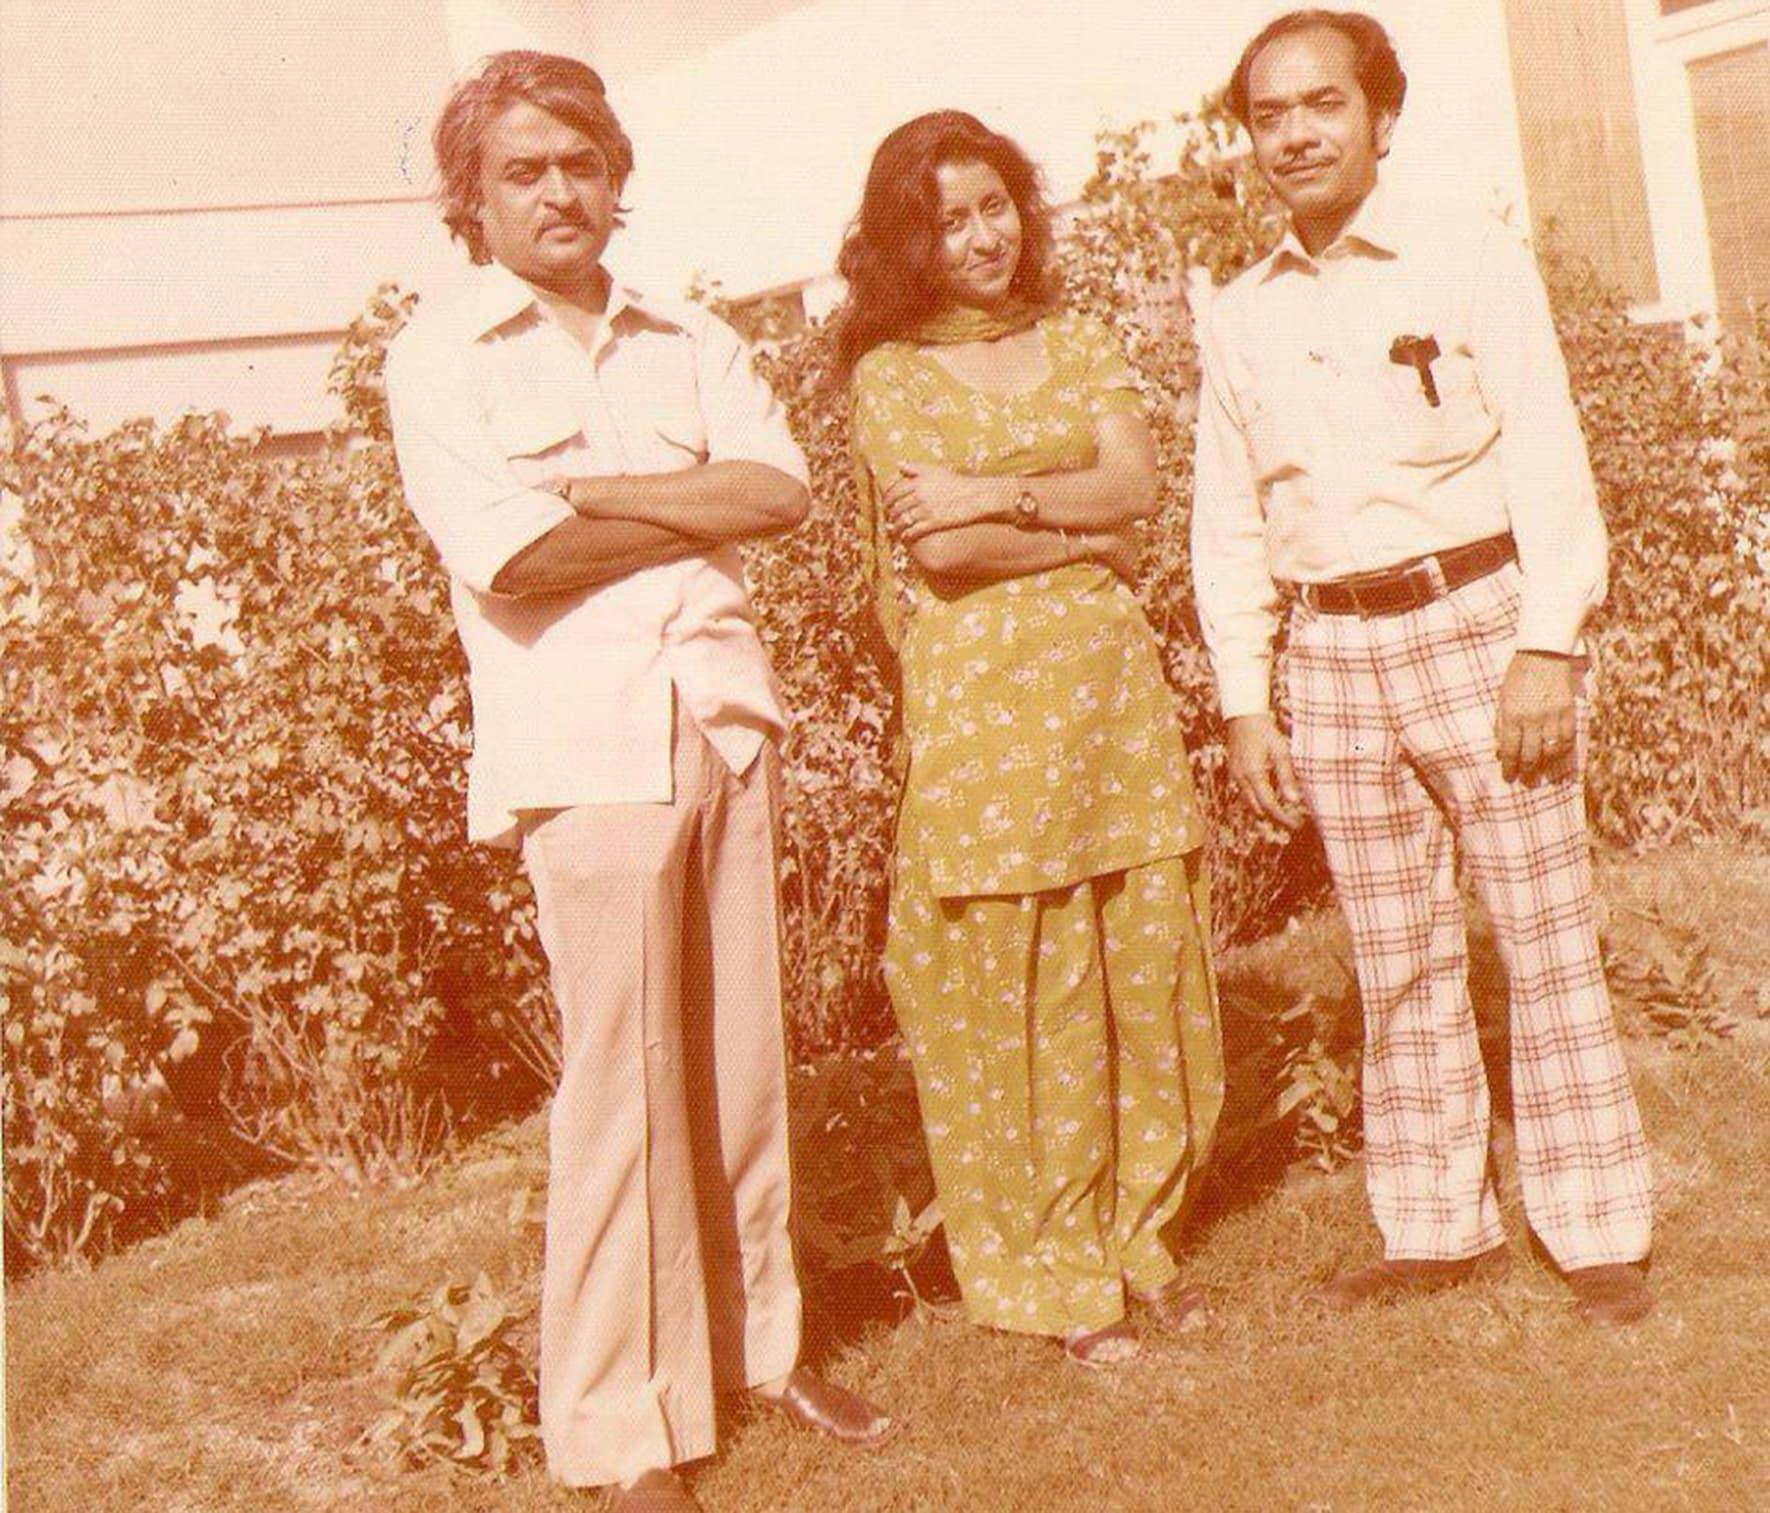 انور مقصود منی بیگم اور ہندوستان سے تعلق رکھنے والے مسٹر دوبے کے ہمراہ—تصویر بشکریہ ونٹیج پاکستان